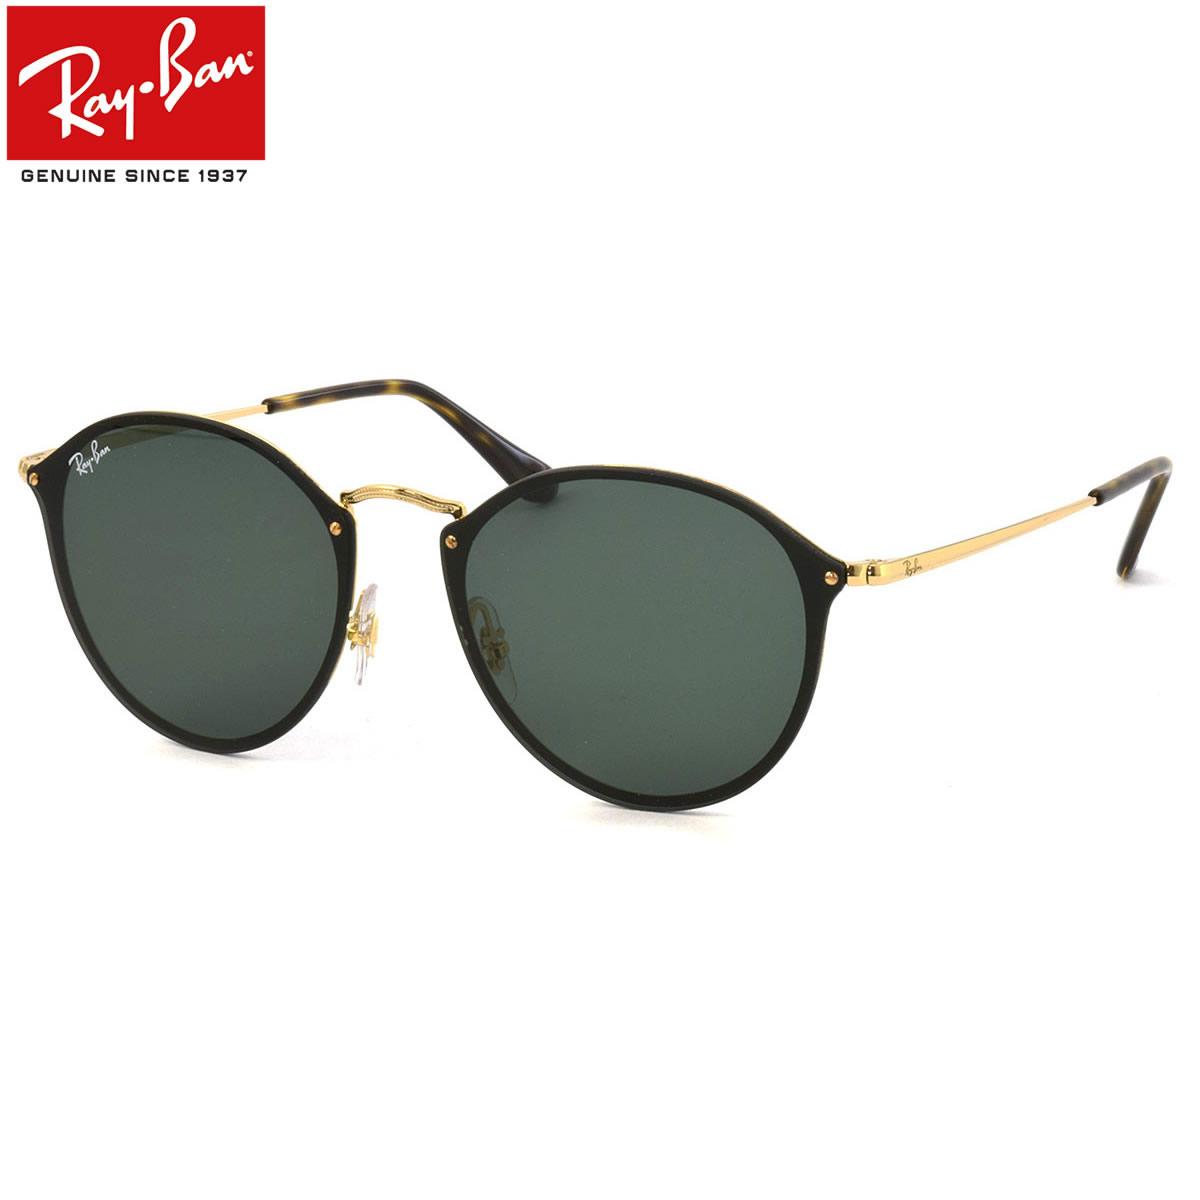 レイバン サングラス ブレイズ ラウンド Ray-Ban RB3574N 001/71 59サイズ レイバン RAYBAN BLAZE ROUND 00171 フラットレンズ べっ甲 べっこう メンズ レディース